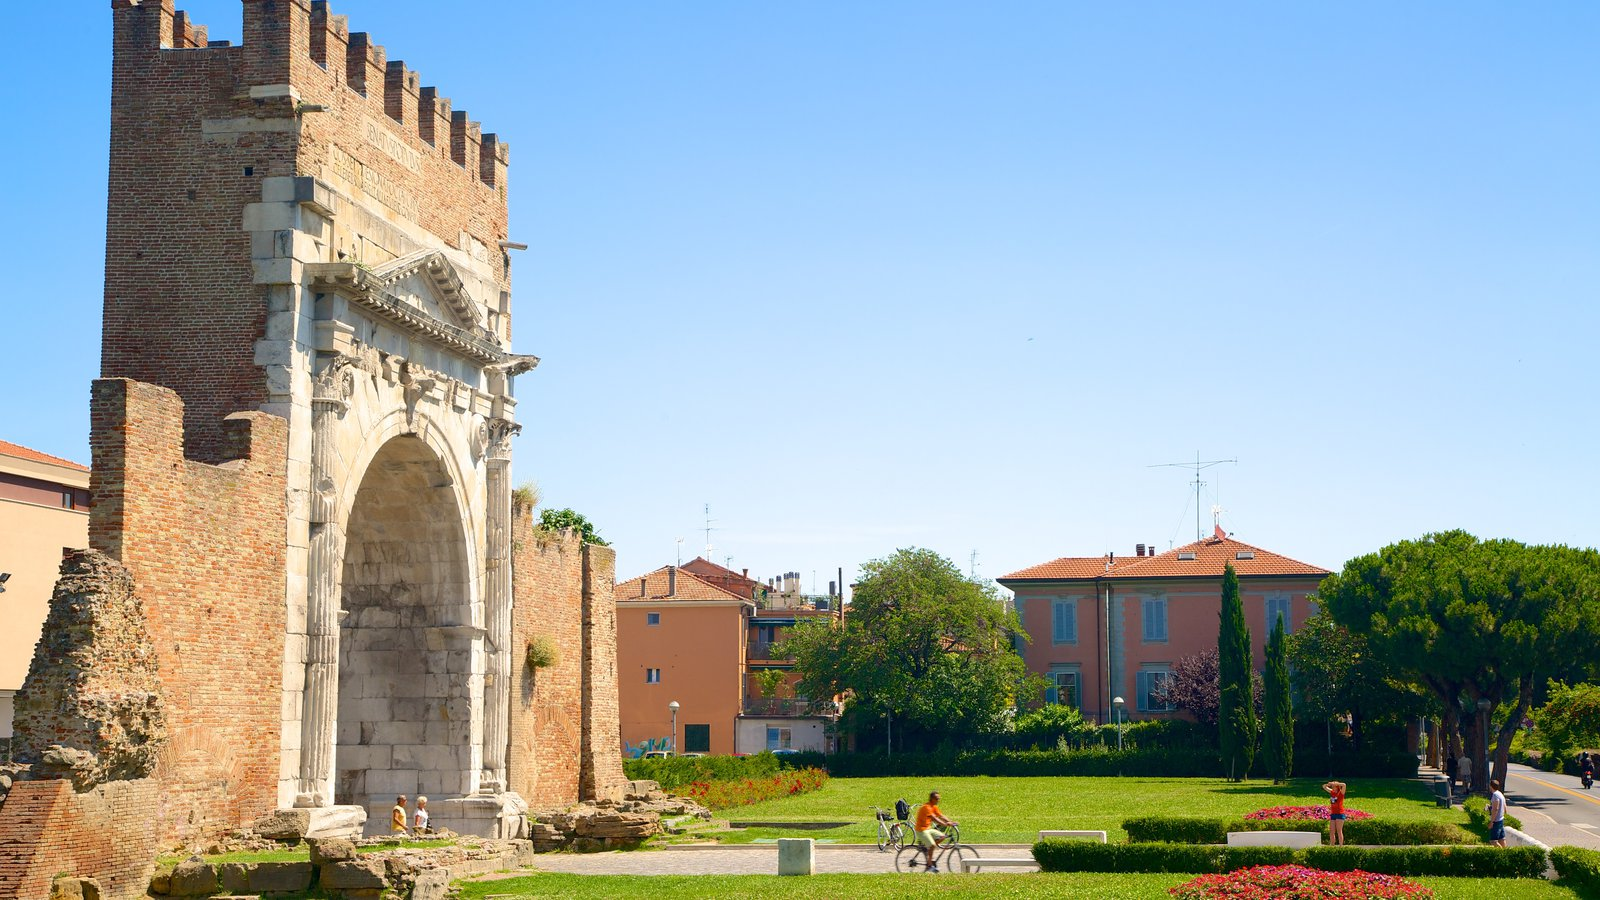 Arco de Augusto caracterizando elementos de patrimônio